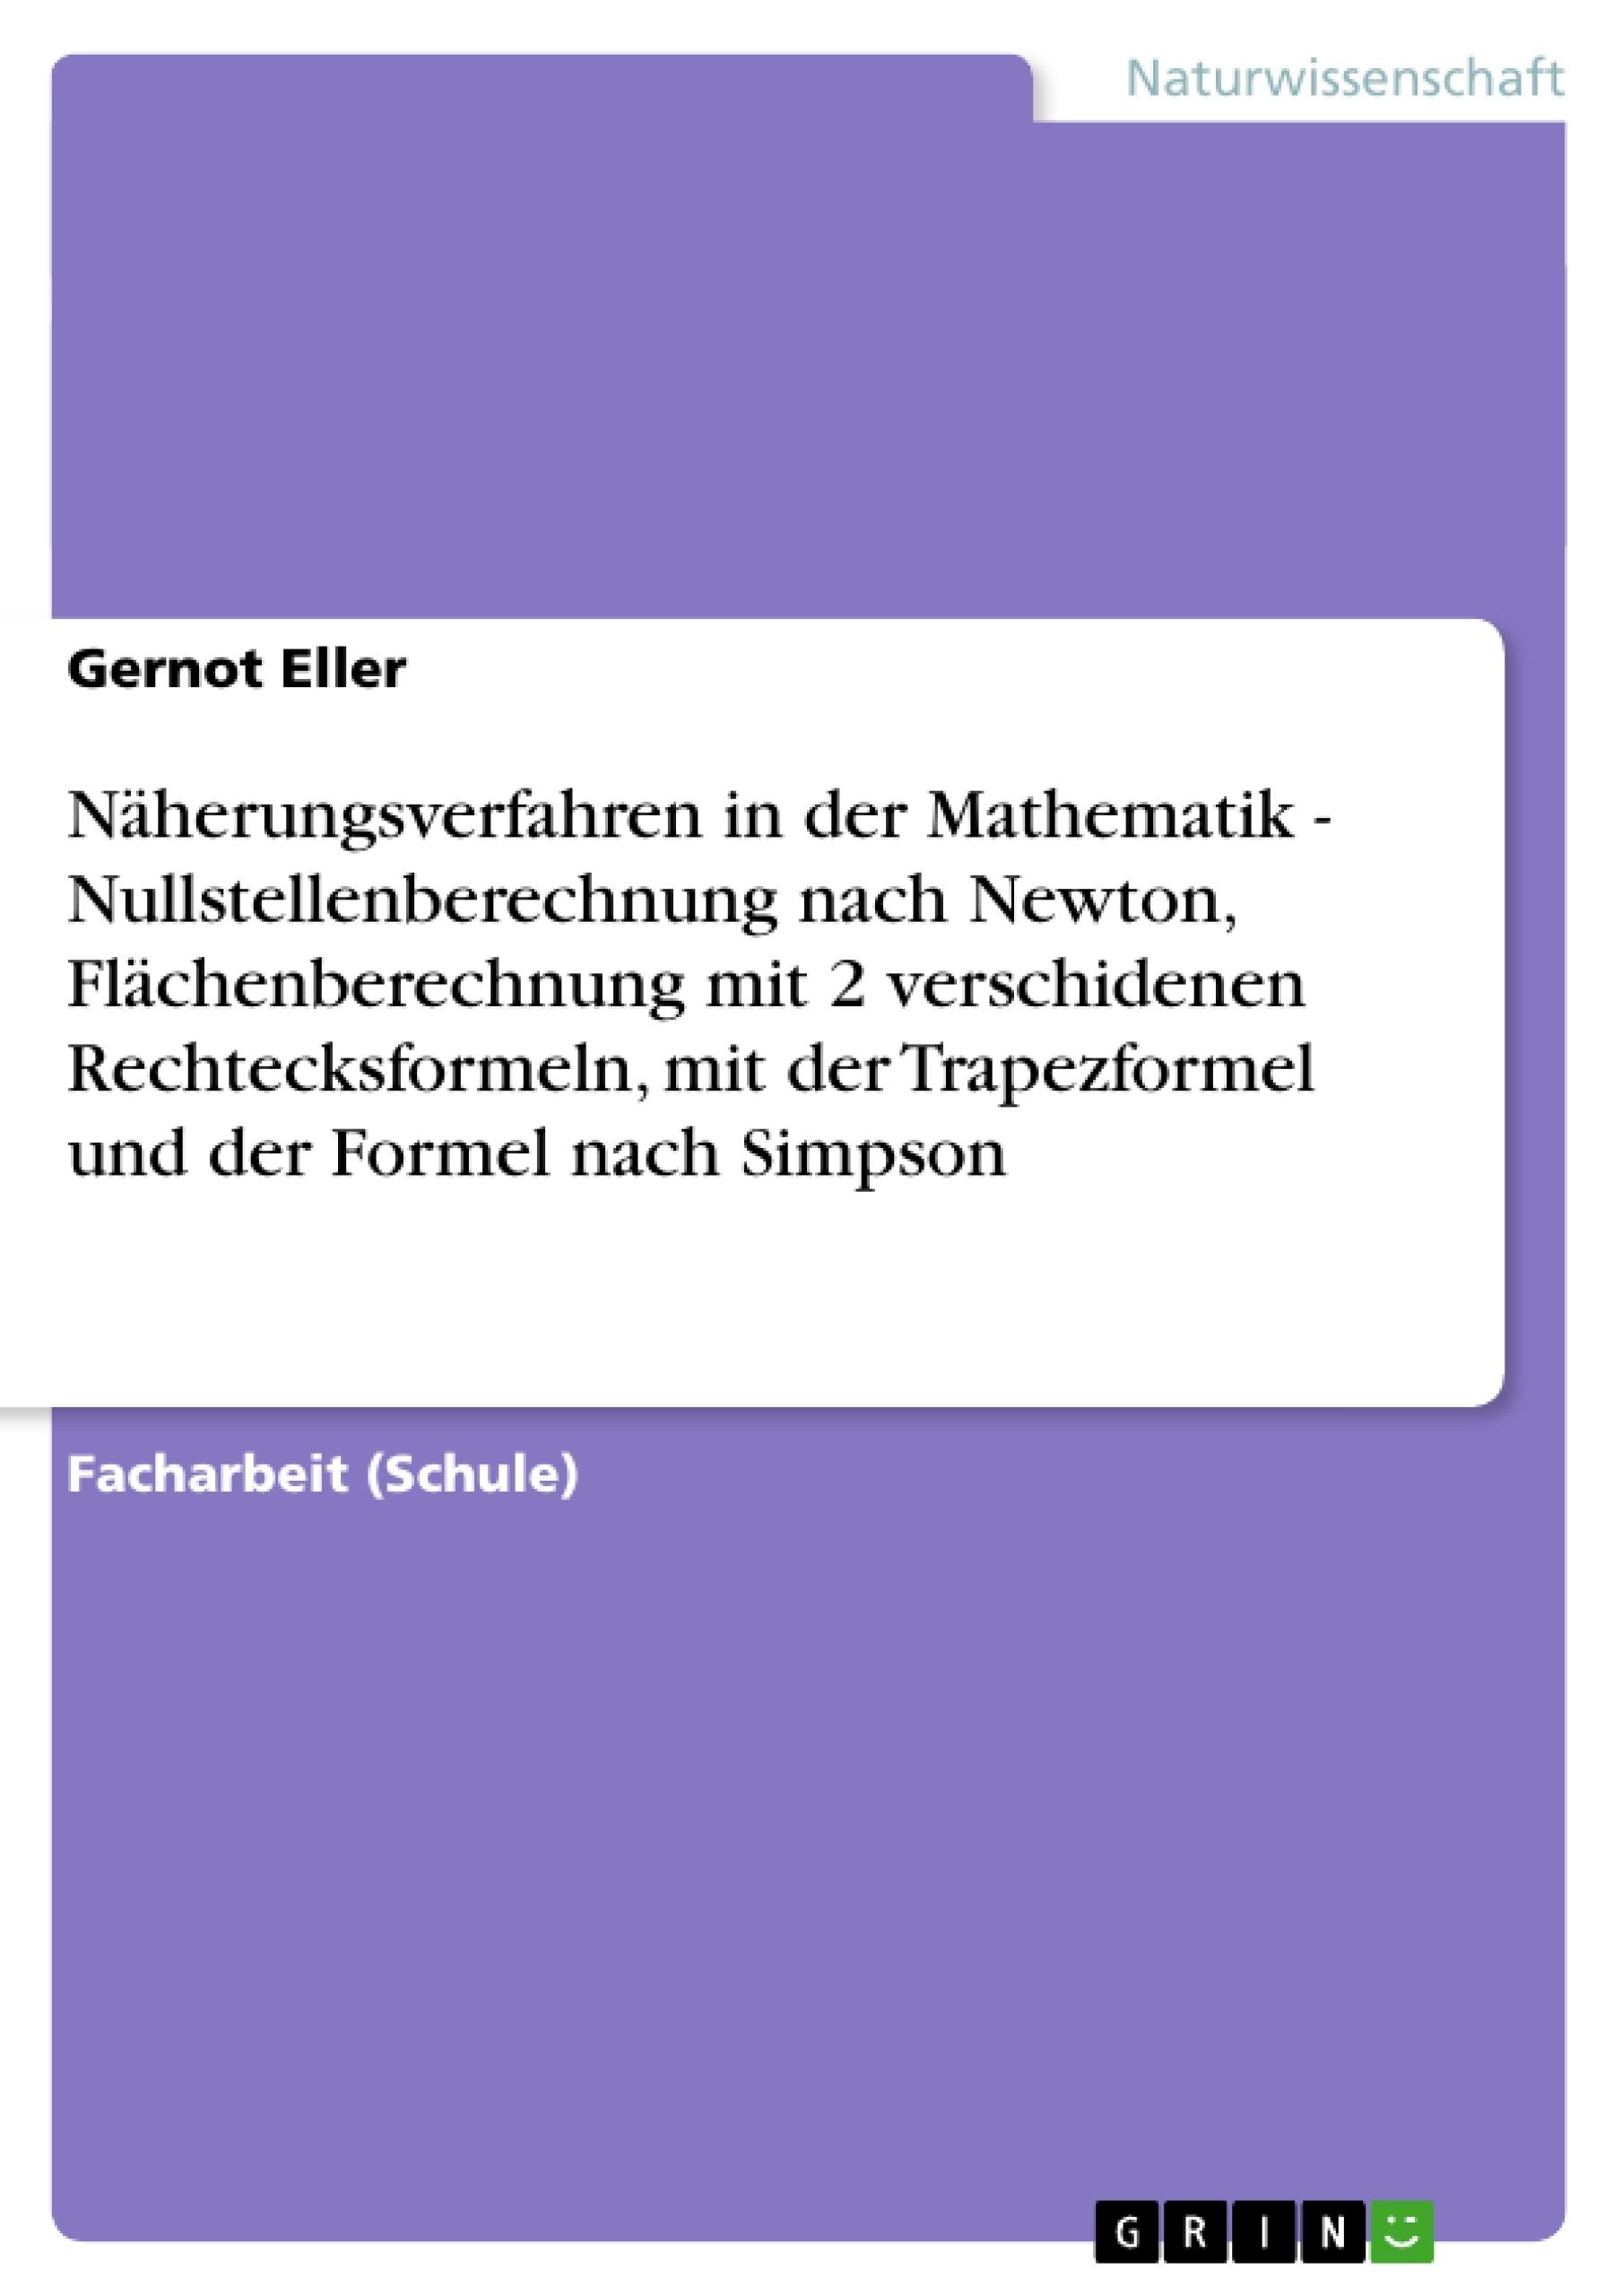 Titel: Näherungsverfahren in der Mathematik - Nullstellenberechnung nach Newton, Flächenberechnung mit 2 verschidenen Rechtecksformeln, mit der Trapezformel und der Formel nach Simpson